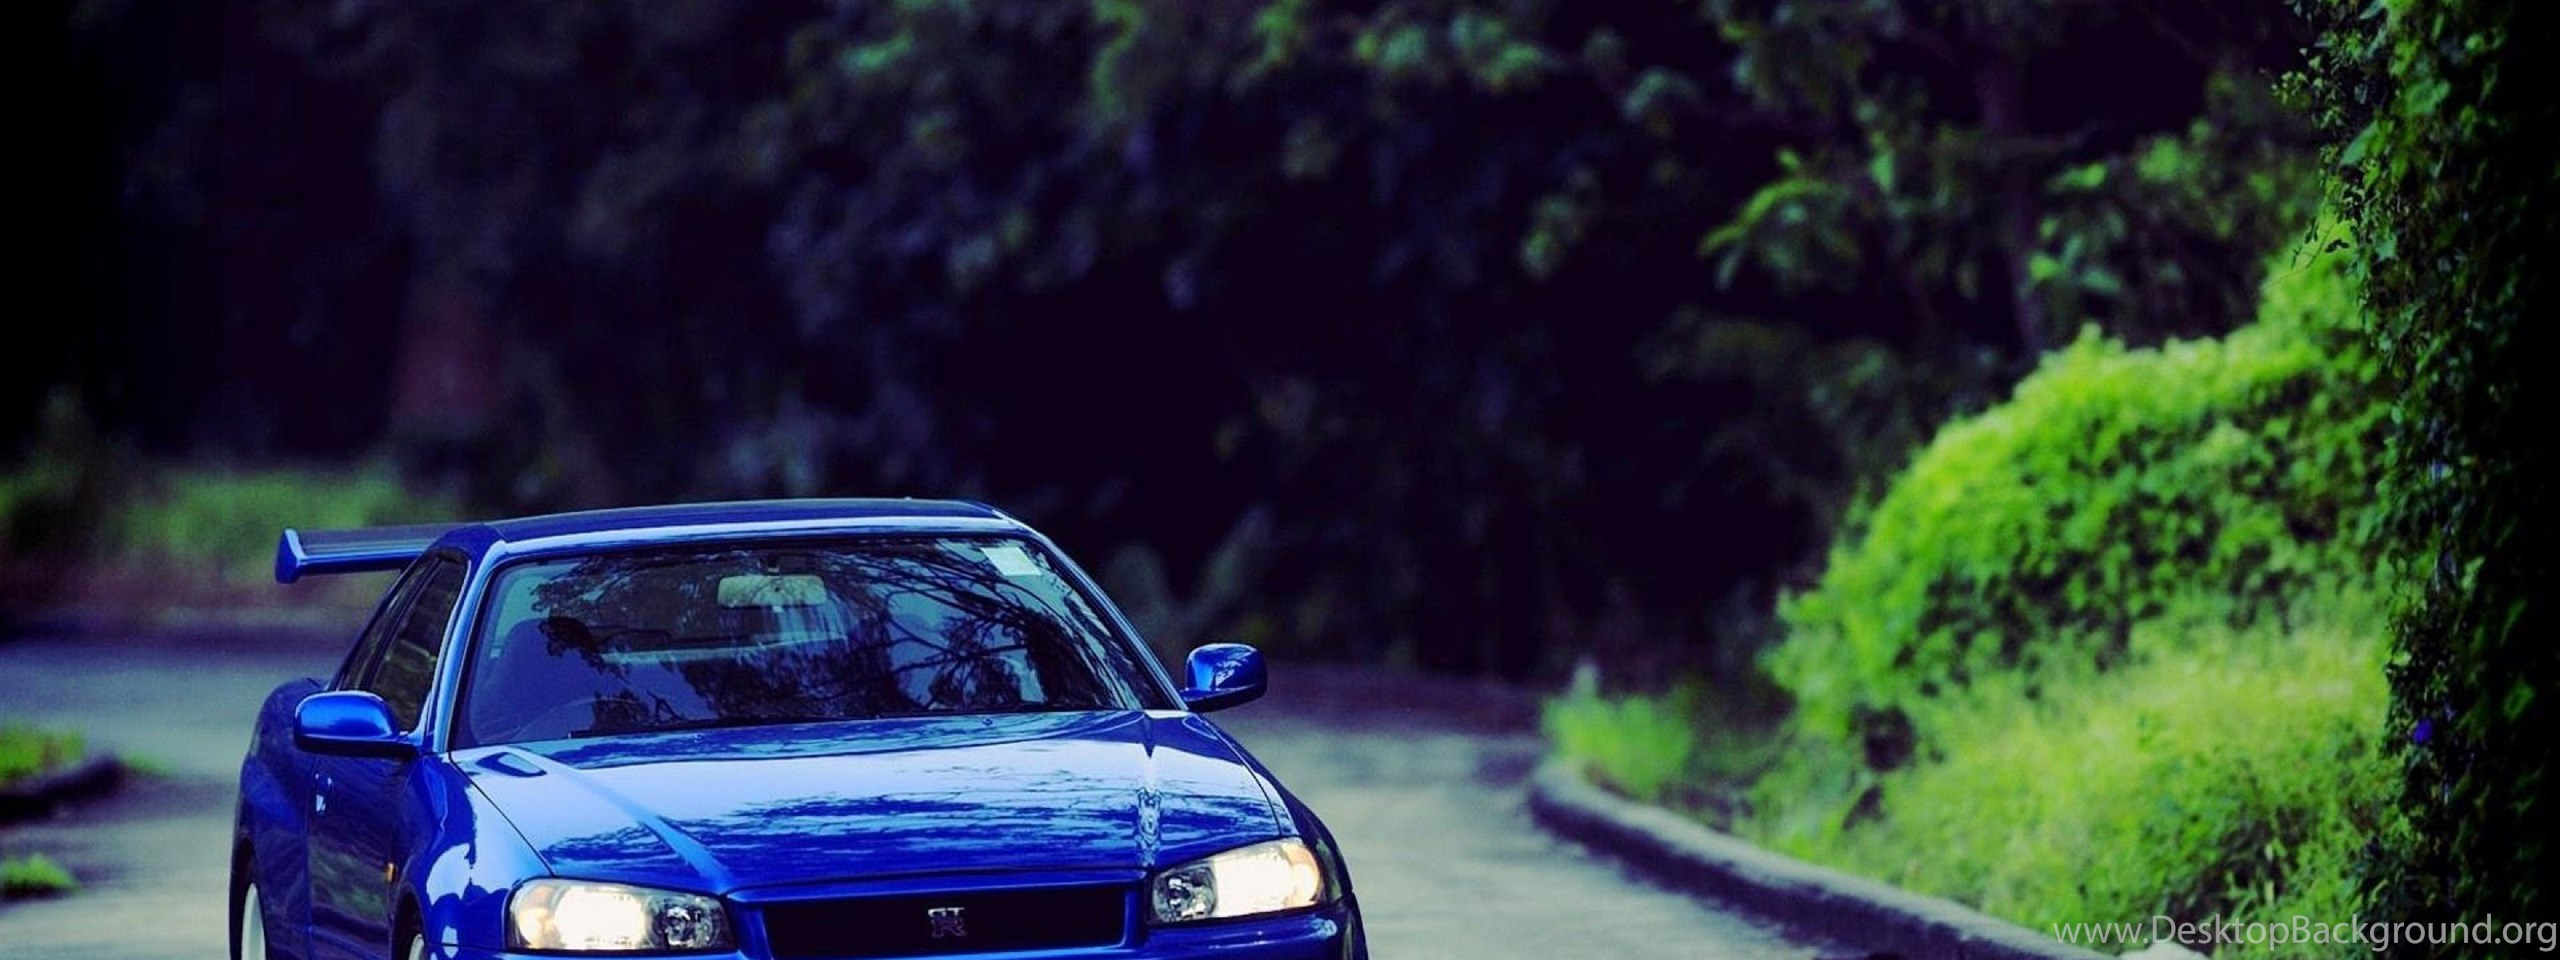 Nissan дорога фонарь  № 2378215 бесплатно